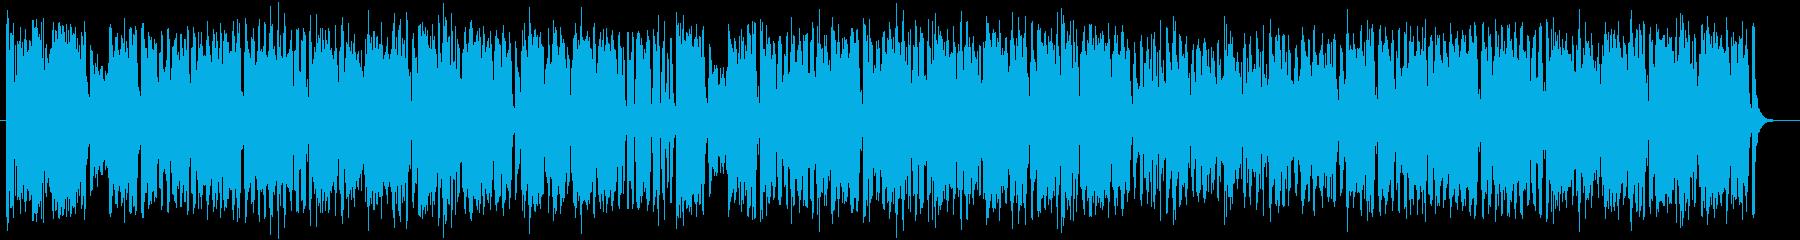 明るく元気のある吹奏楽の行進曲の再生済みの波形